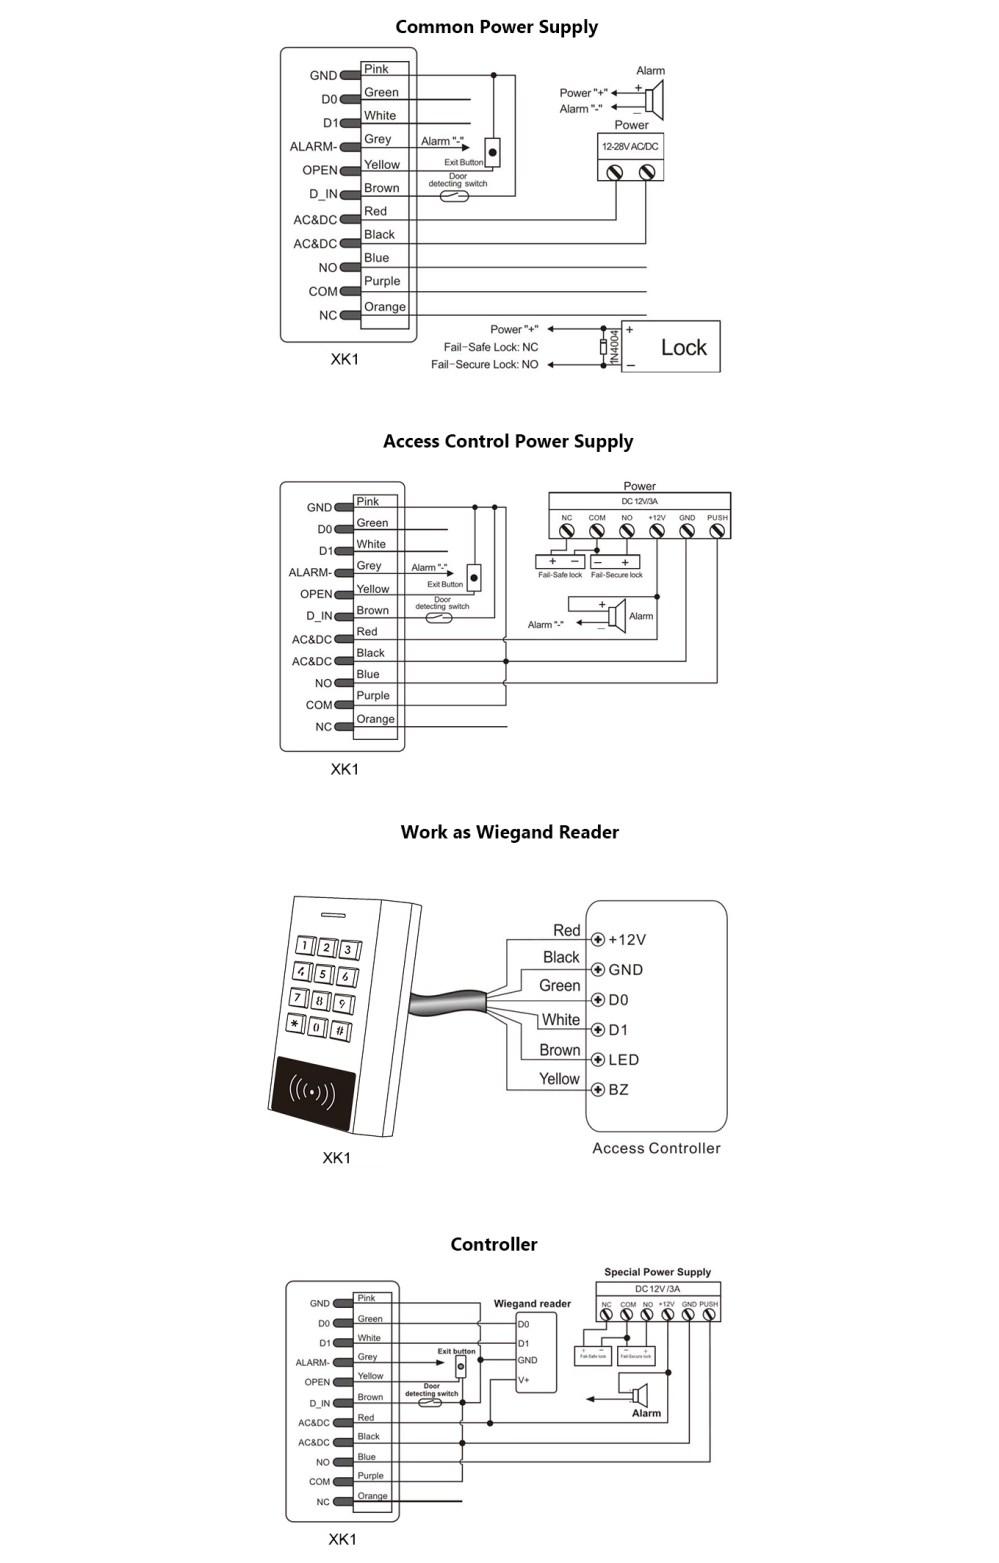 medium resolution of xk1 em user manual